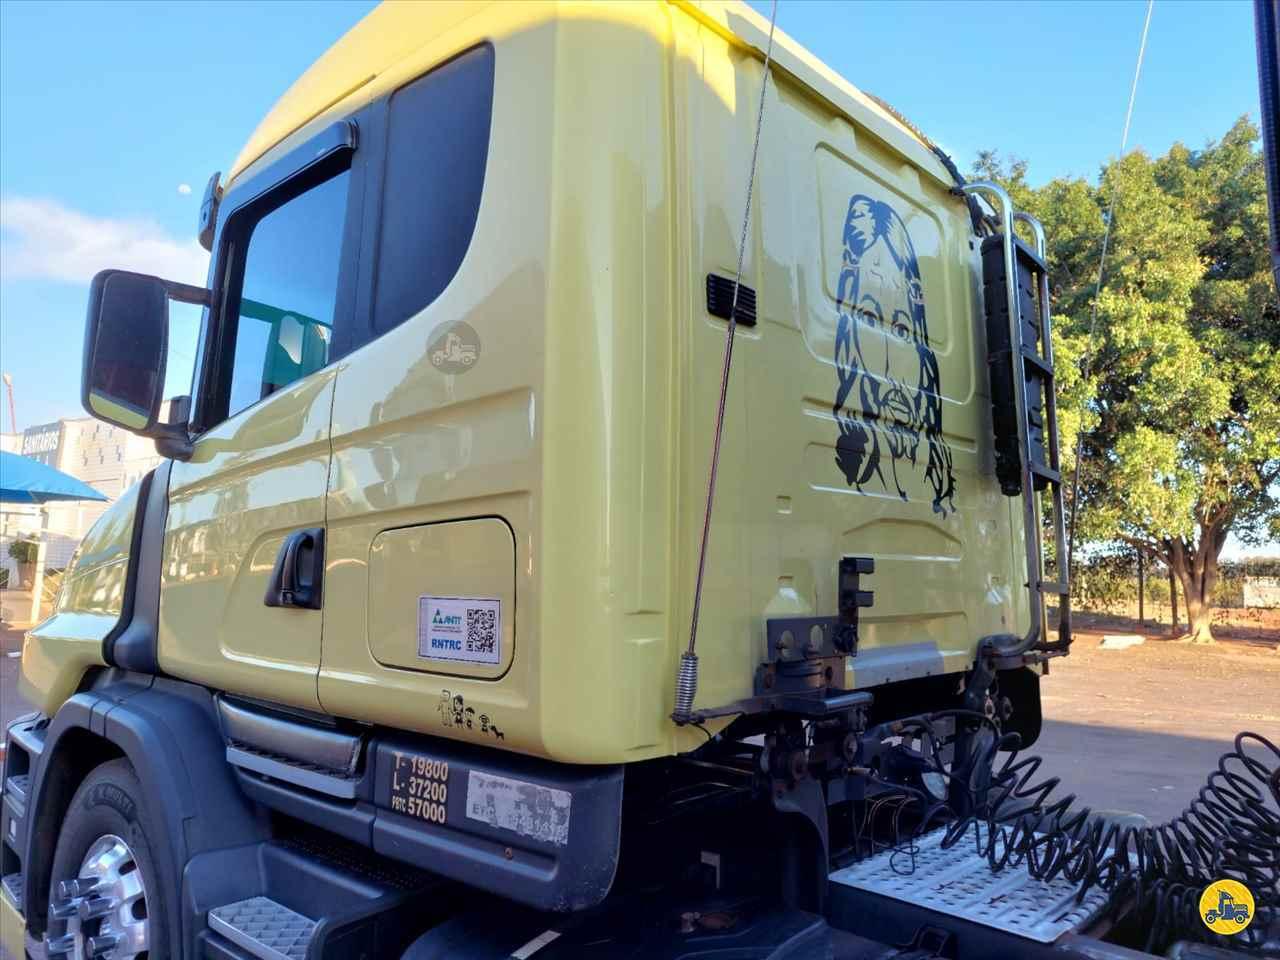 CAMINHAO SCANIA SCANIA 124 420 Cavalo Mecânico Truck 6x2 Mundial Caminhões e Carretas PALMITAL SÃO PAULO SP